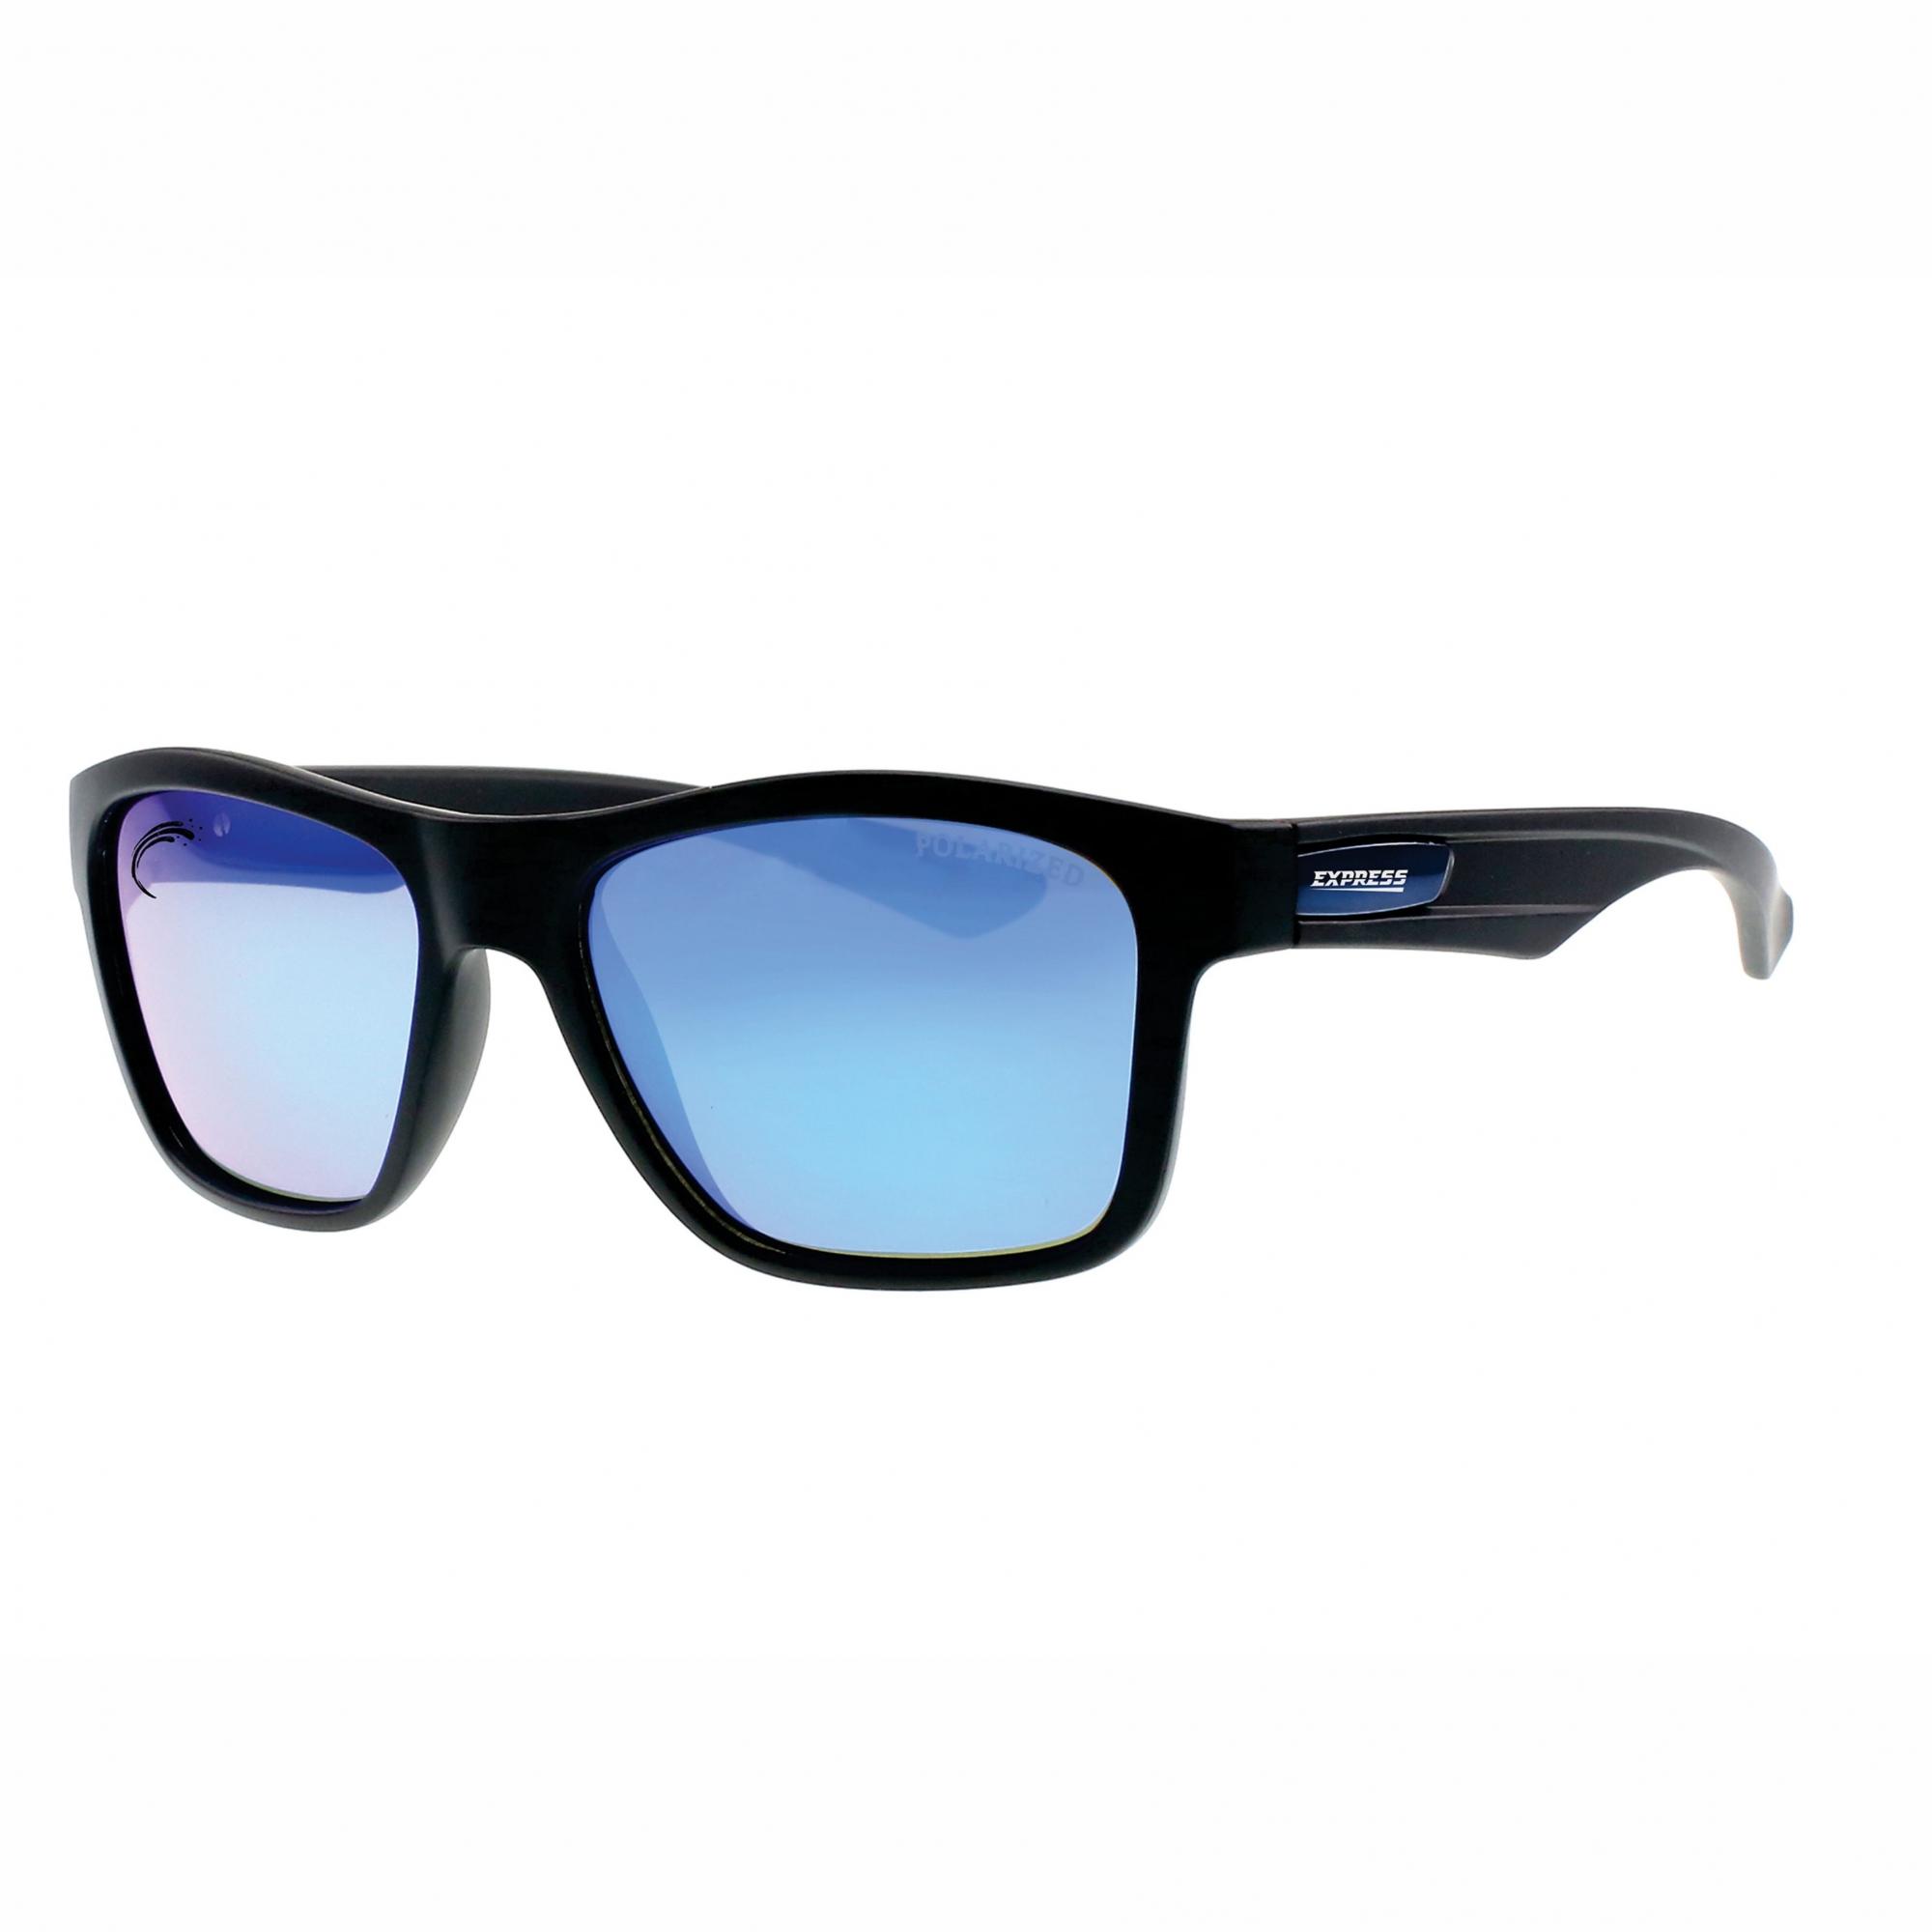 Óculos de Sol Polarizado Express Piranha Azul Espelhado  - Pesca Adventure